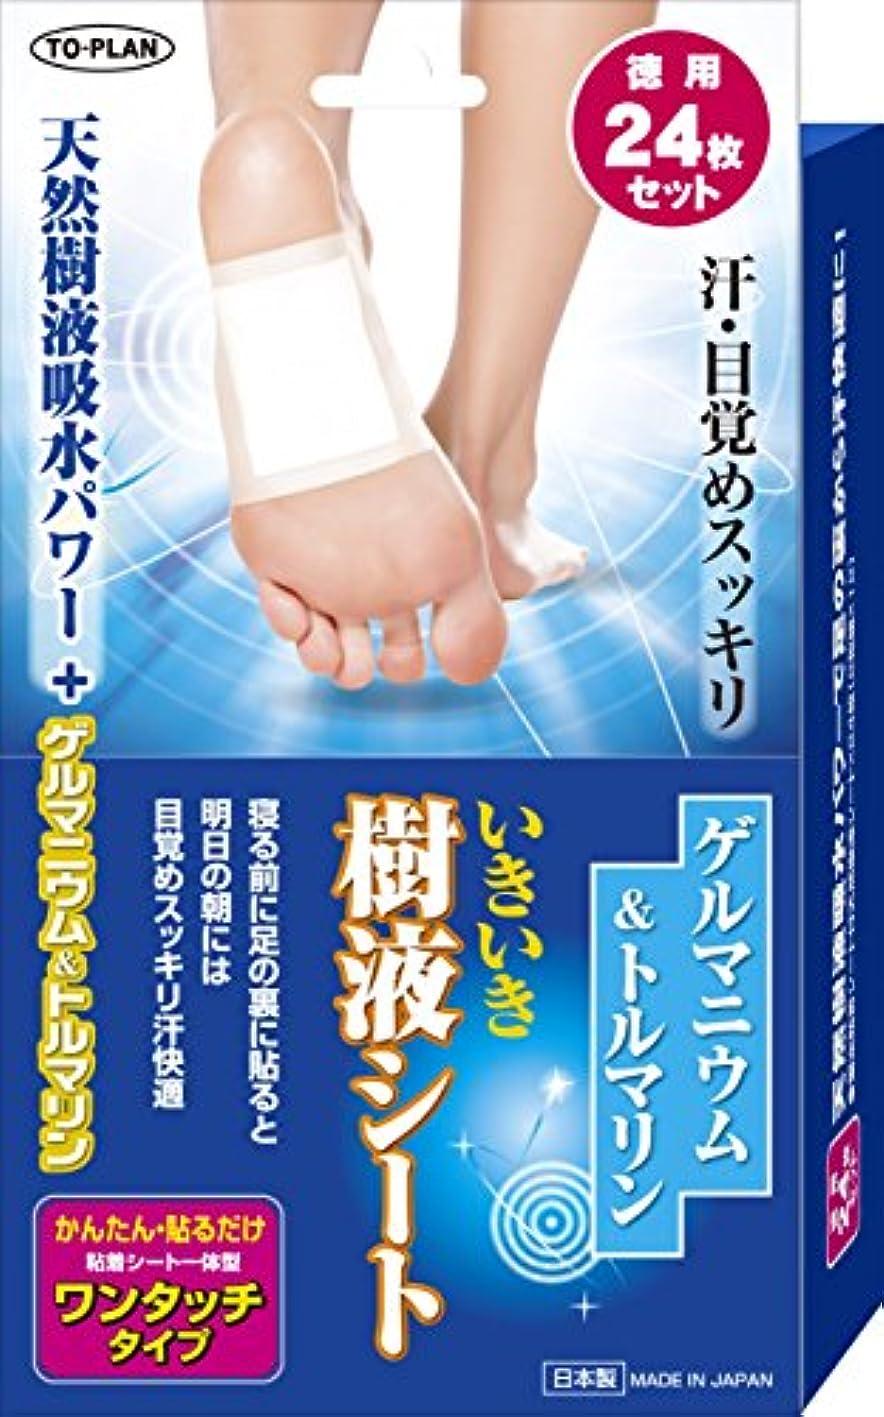 騒姉妹ドレスTO-PLAN(トプラン) ゲルマニウム&トルマリンいきいき樹液シート24枚入